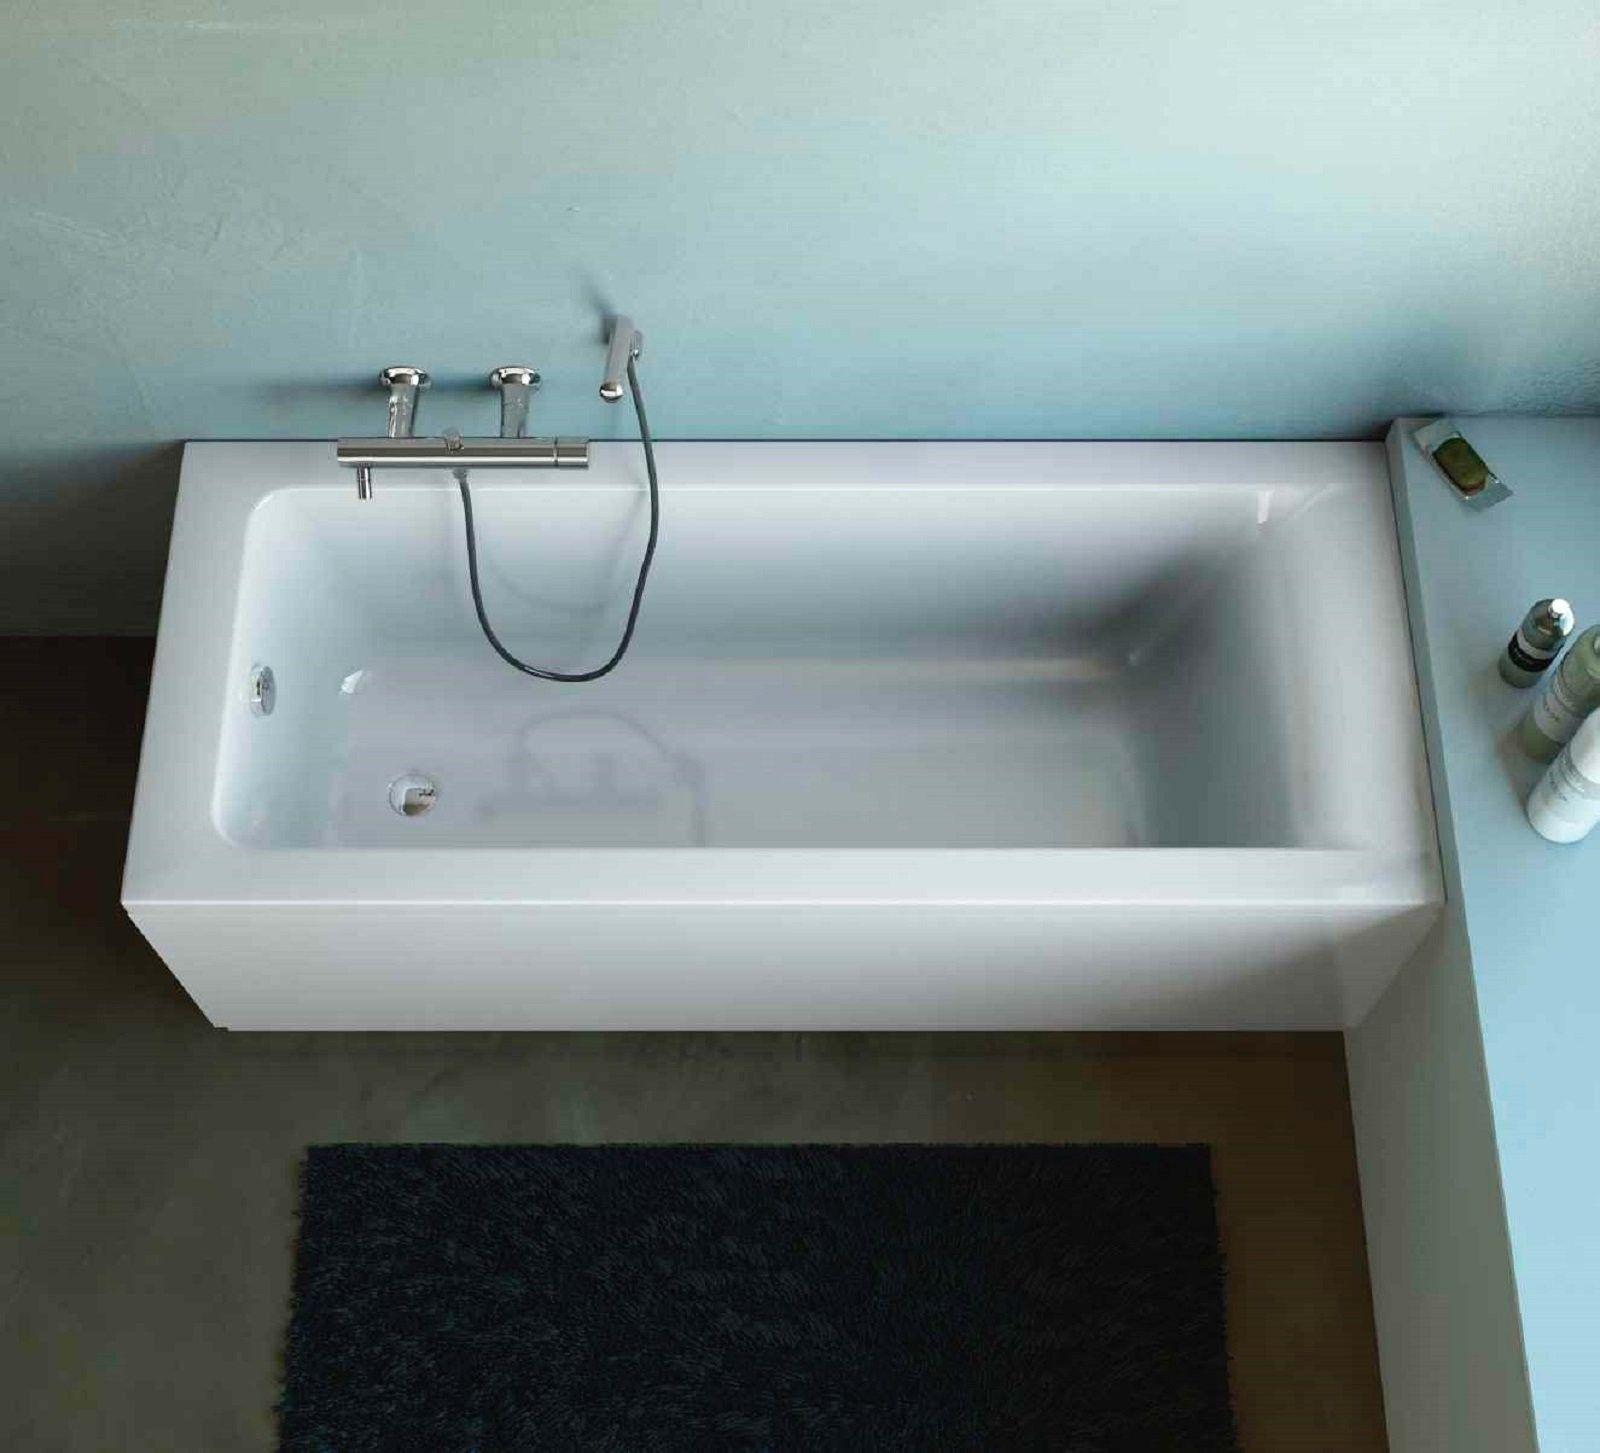 Vasca Da Bagno Piccola 120.Vasche Piccole Dalle Dimensioni Compatte E Svariate Misure E Forme